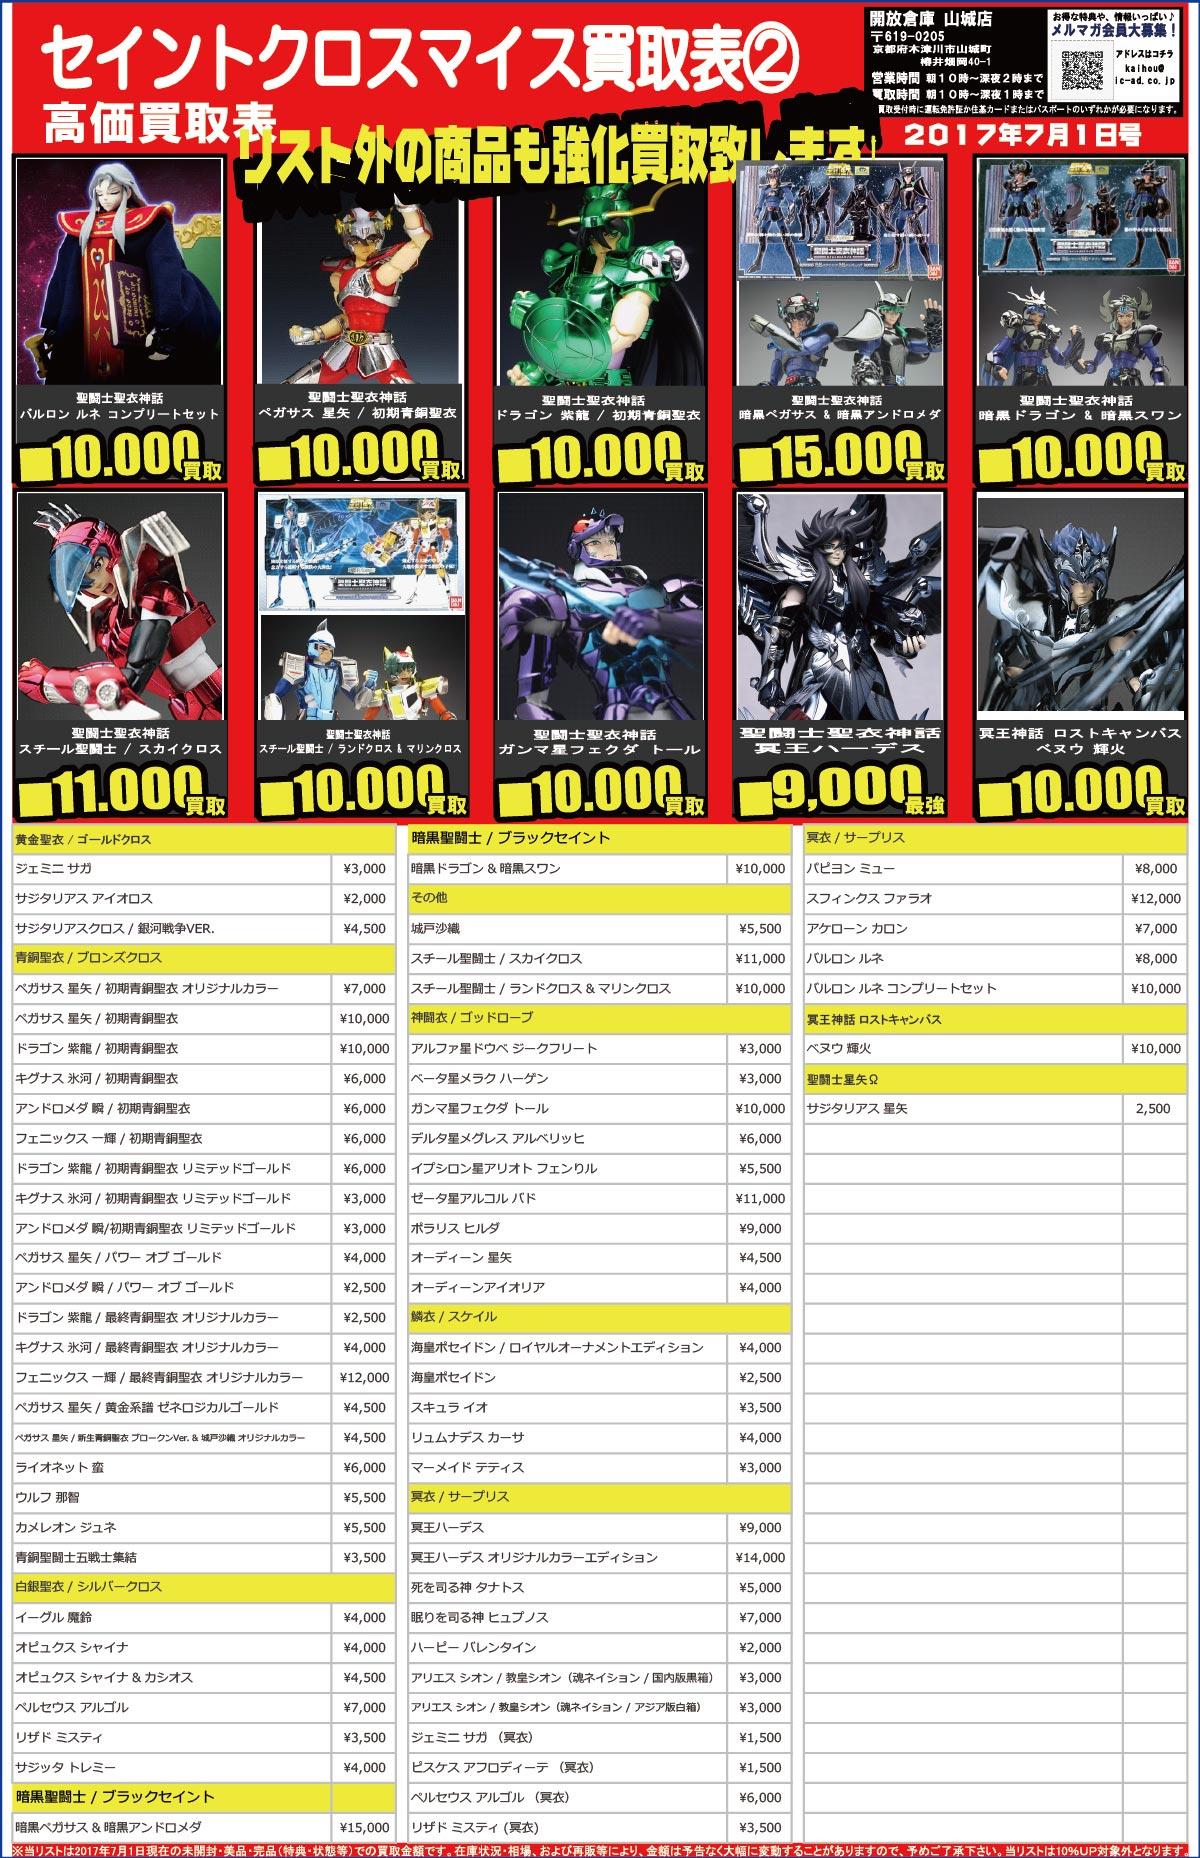 「開放倉庫山城店」7月号セイントクロスマイス買取表2!更新しました!